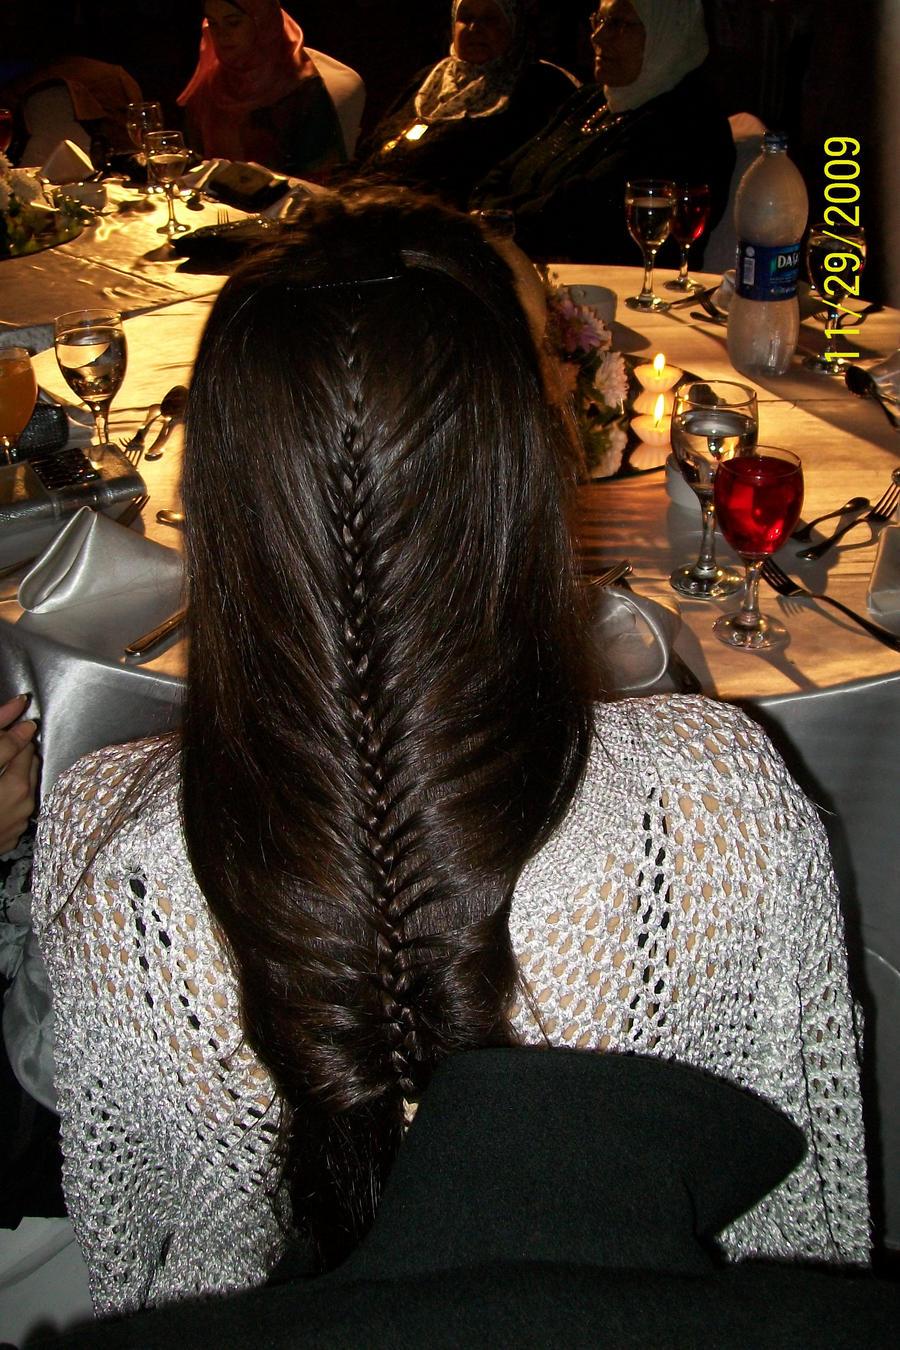 Coiffure coupe gratuite modele de coiffure femme 2010 - Ecole de coiffure paris coupe gratuite ...